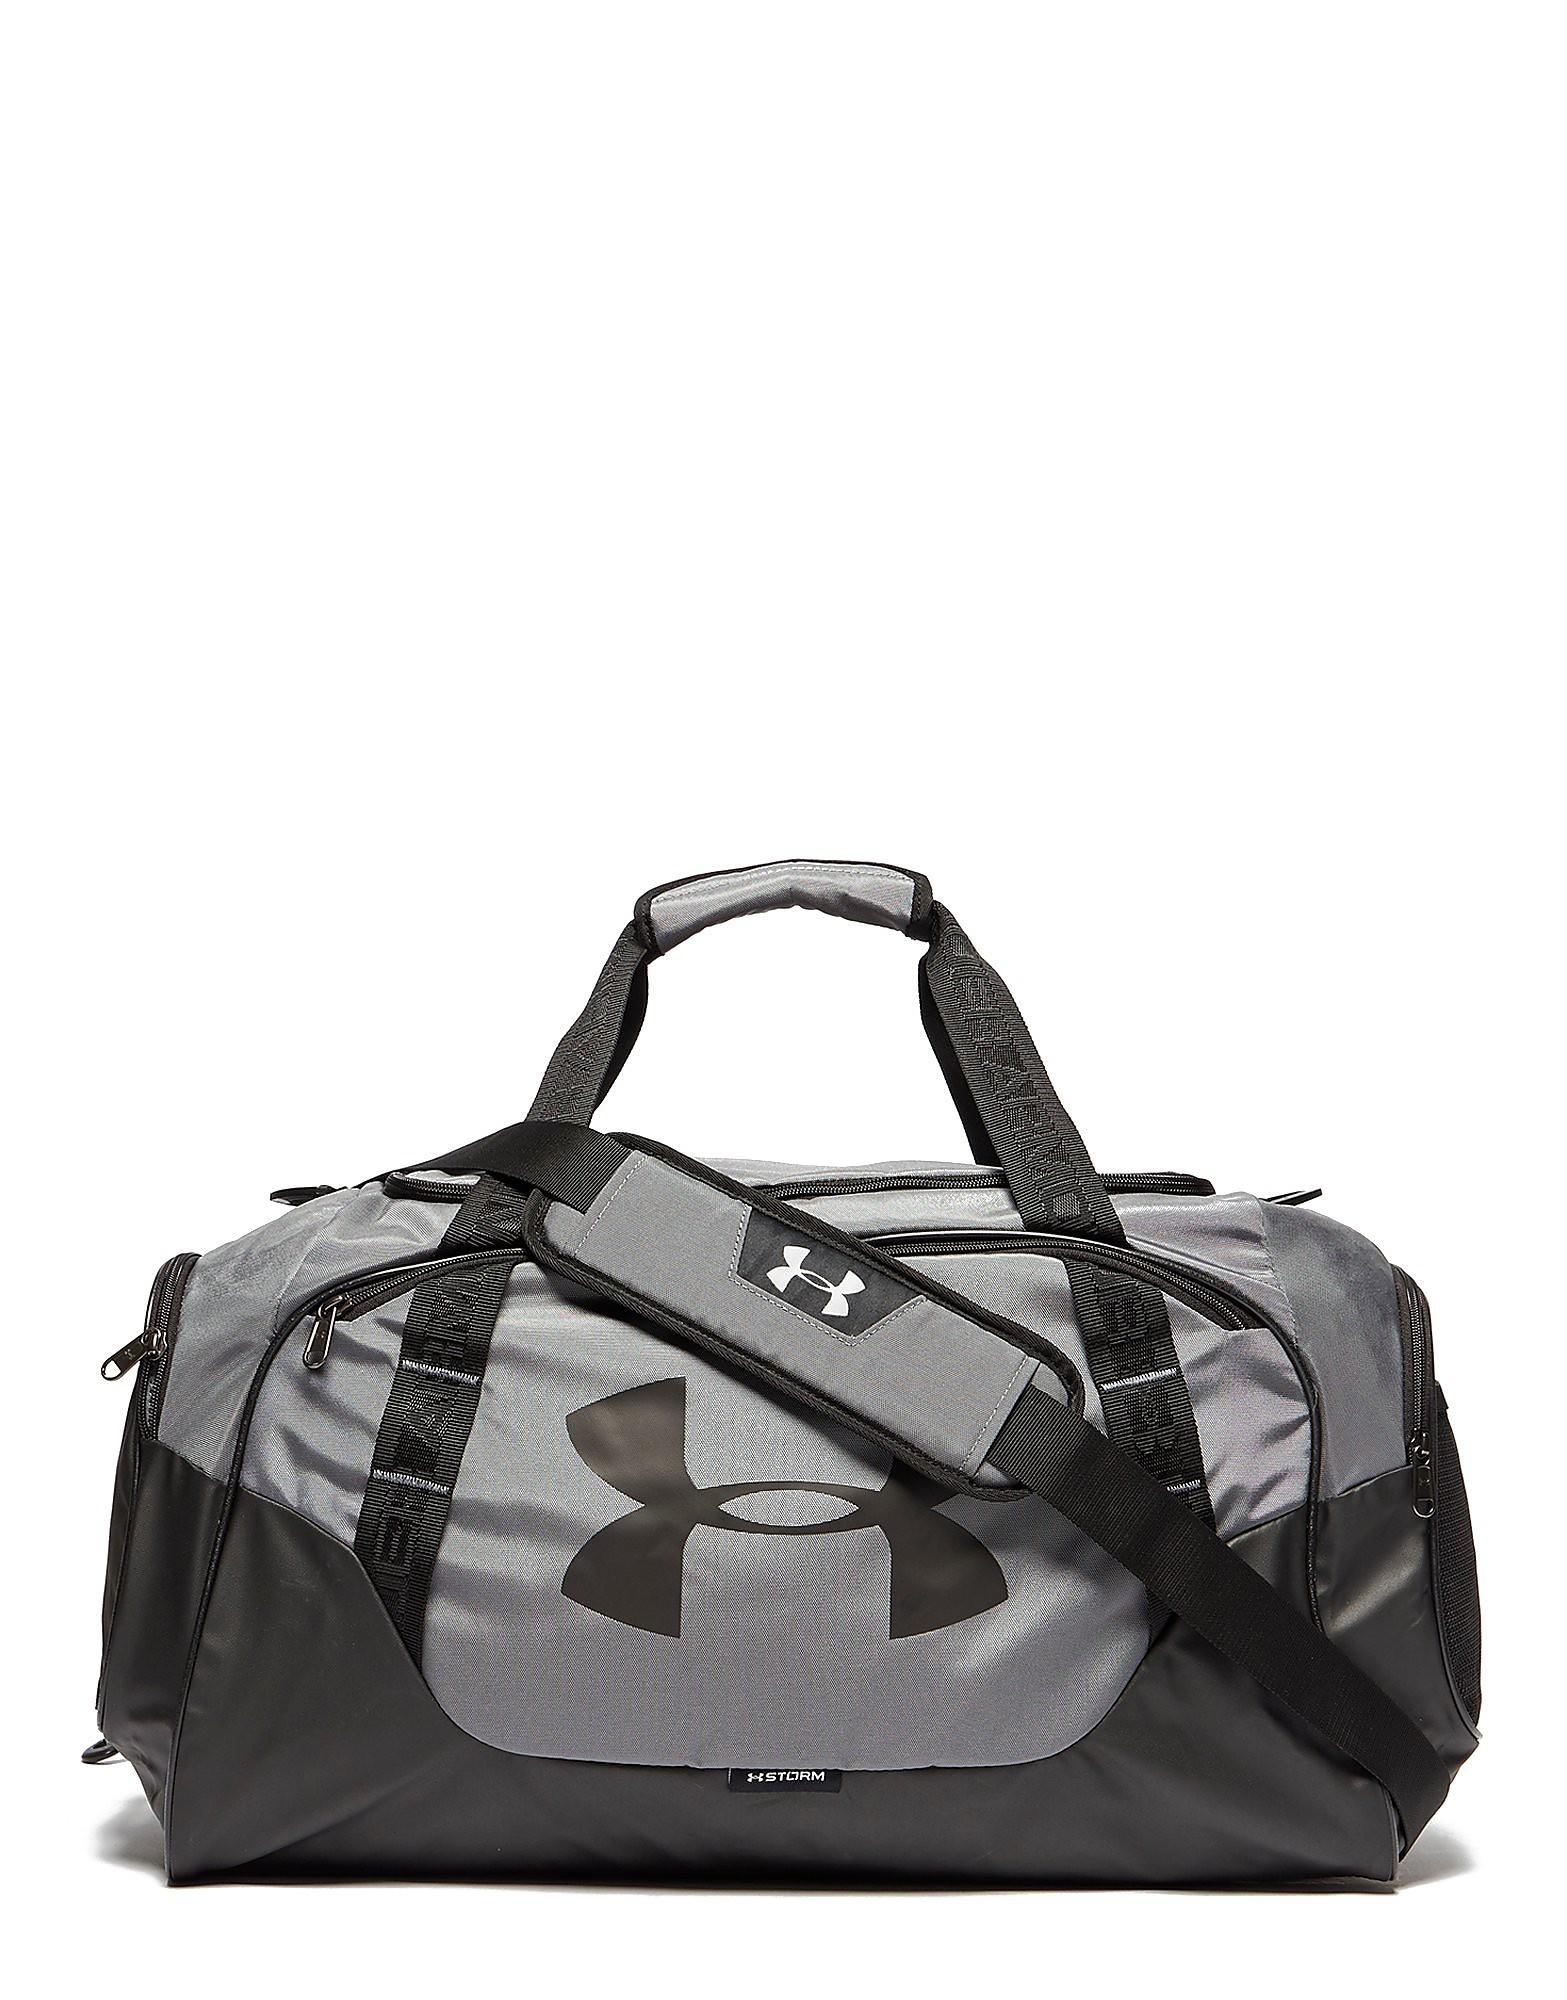 Under Armour Undeniable Medium Duffle Bag Graphitschwarz